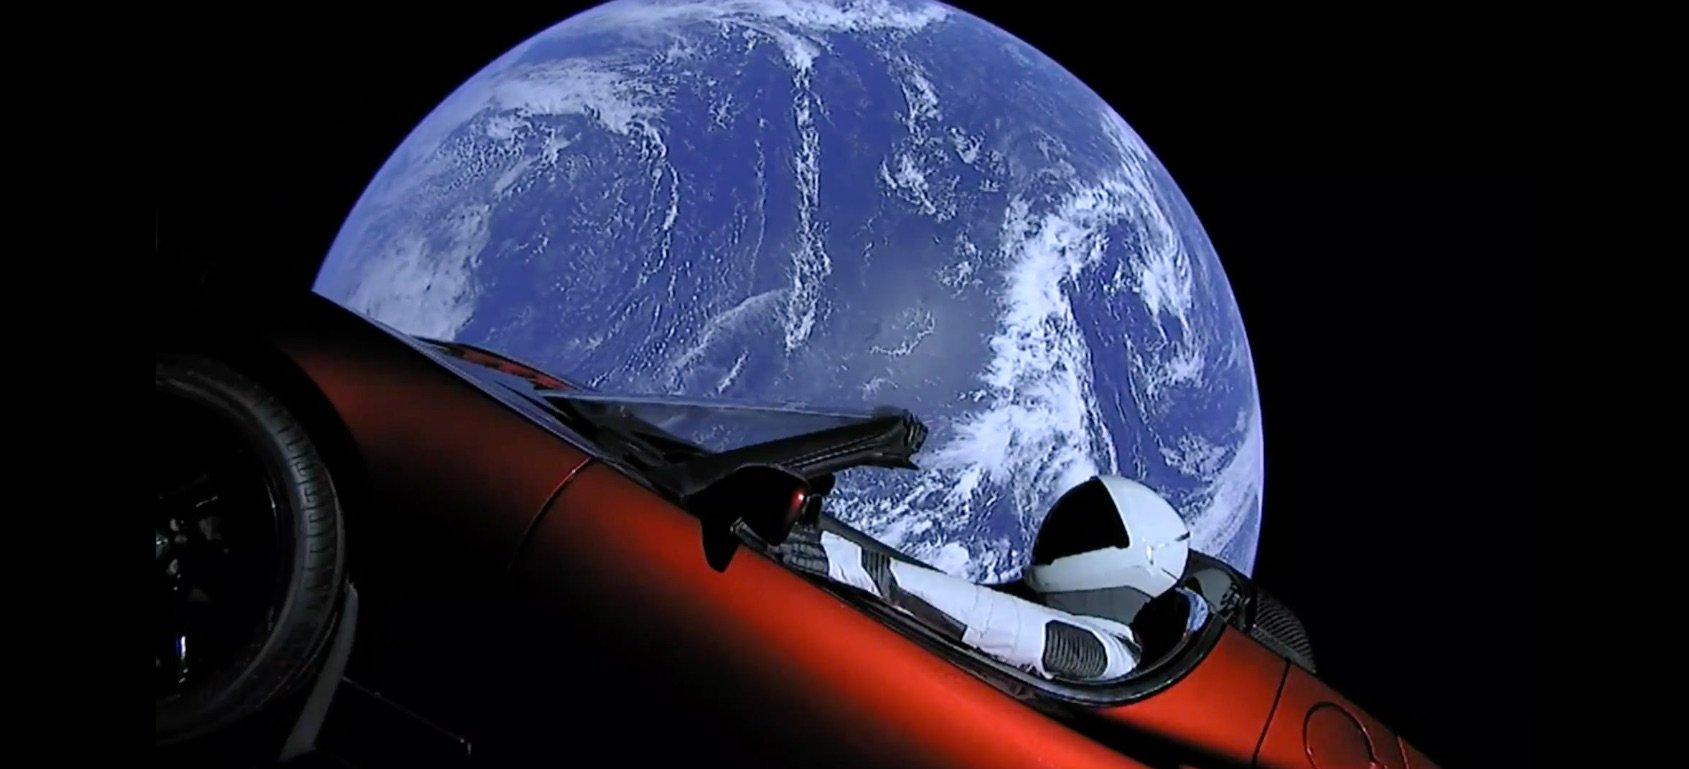 출처: Space X - Starman